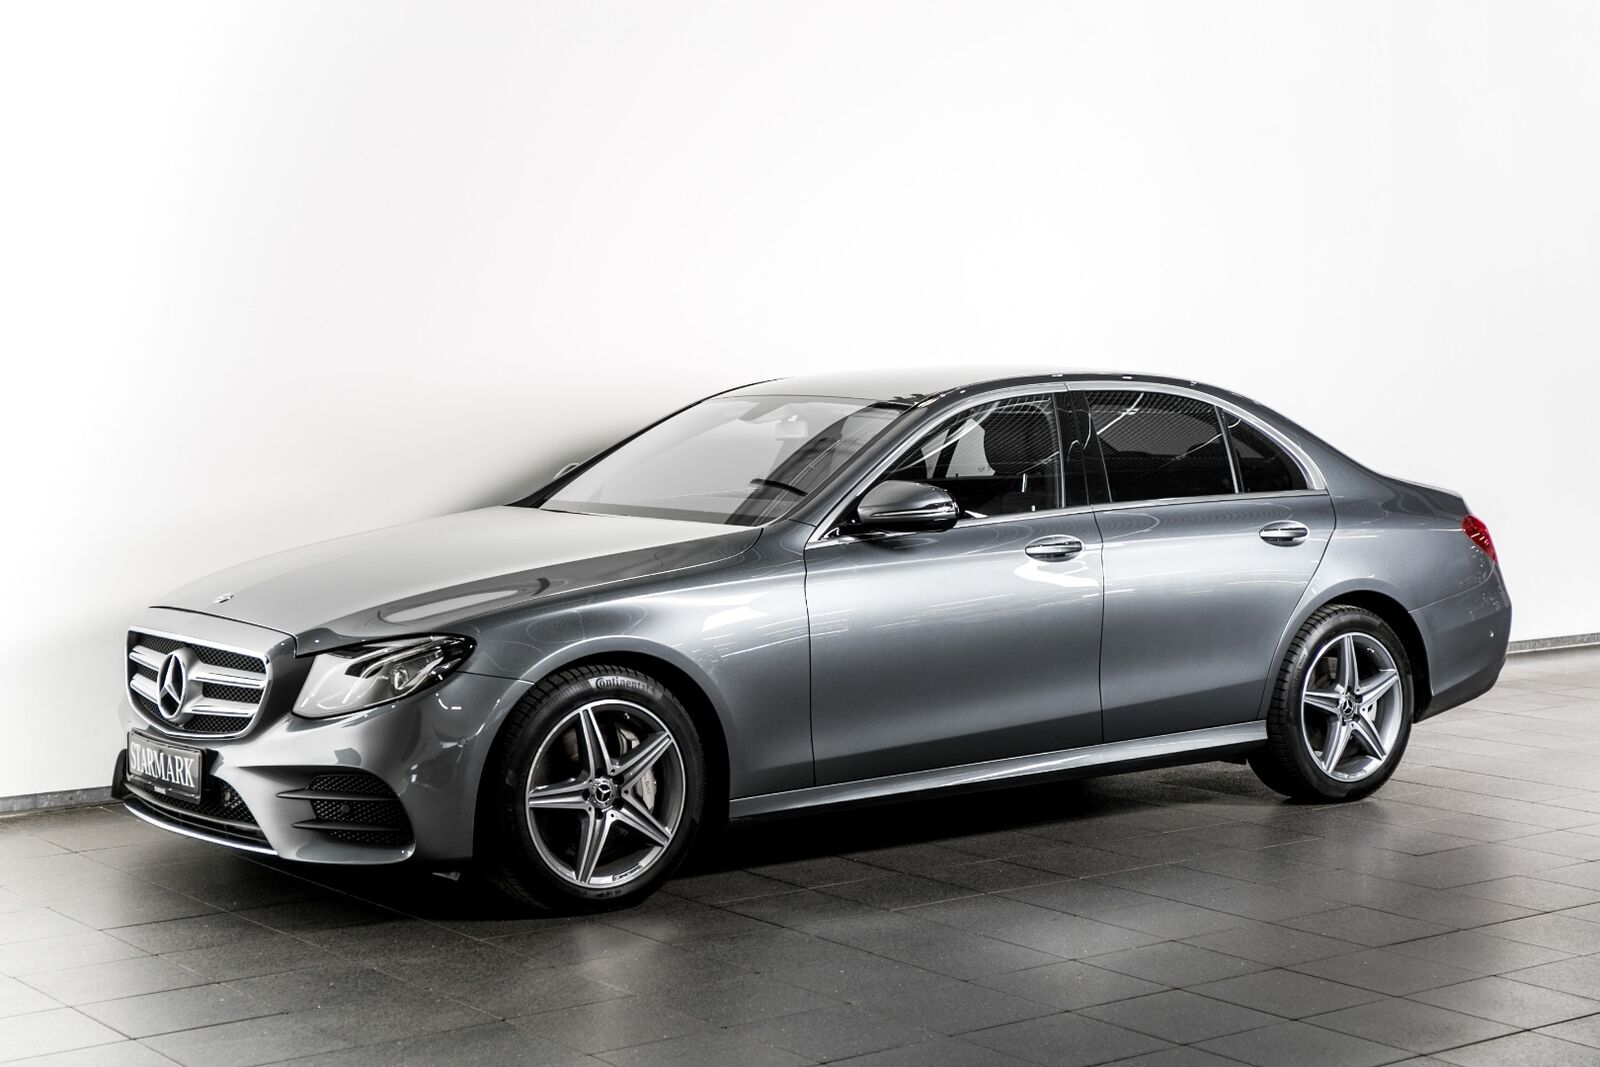 Mercedes E350 d 2,9 AMG Line aut. 4d - 709.900 kr.